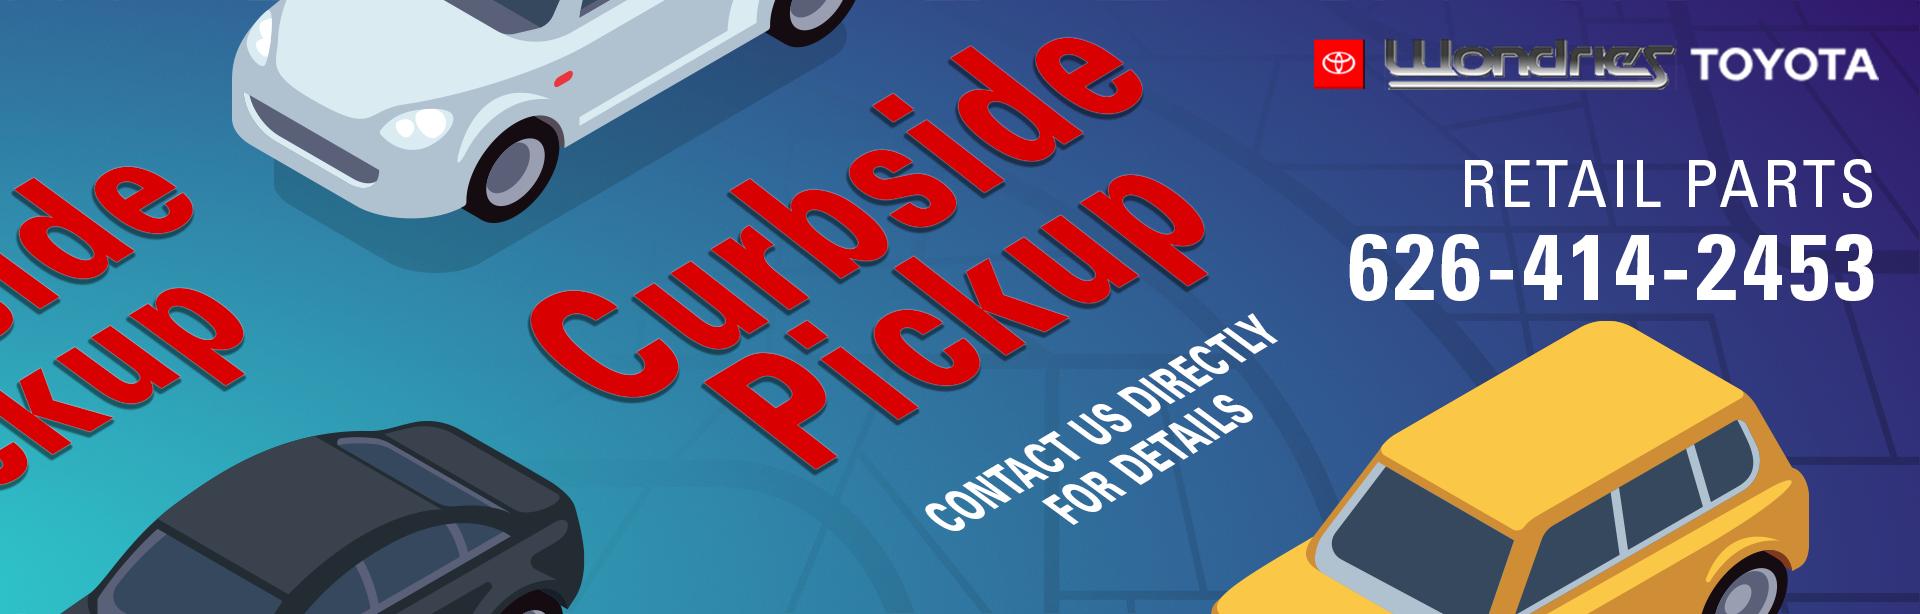 CurbSide-Pickup